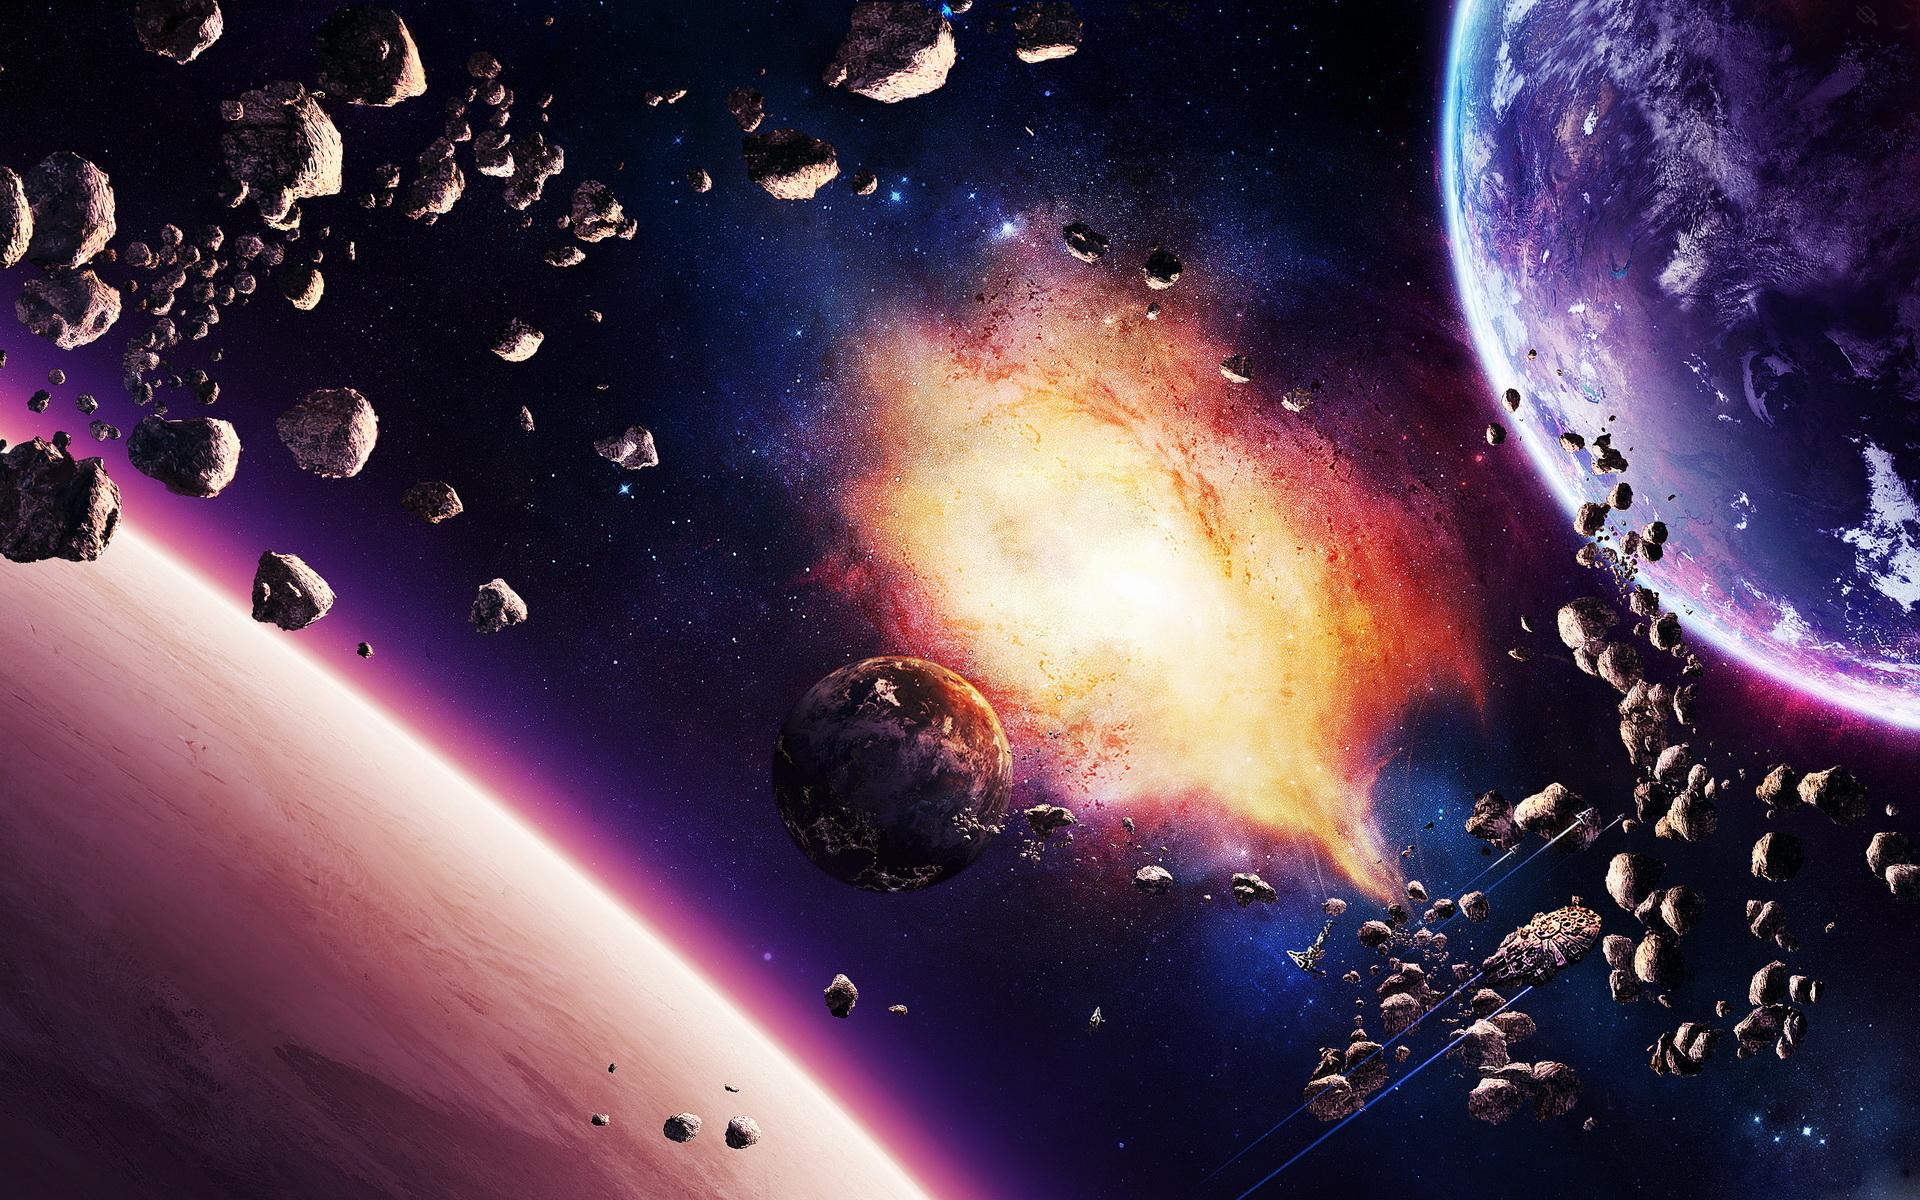 обои для рабочего стола космос метеориты № 610658  скачать